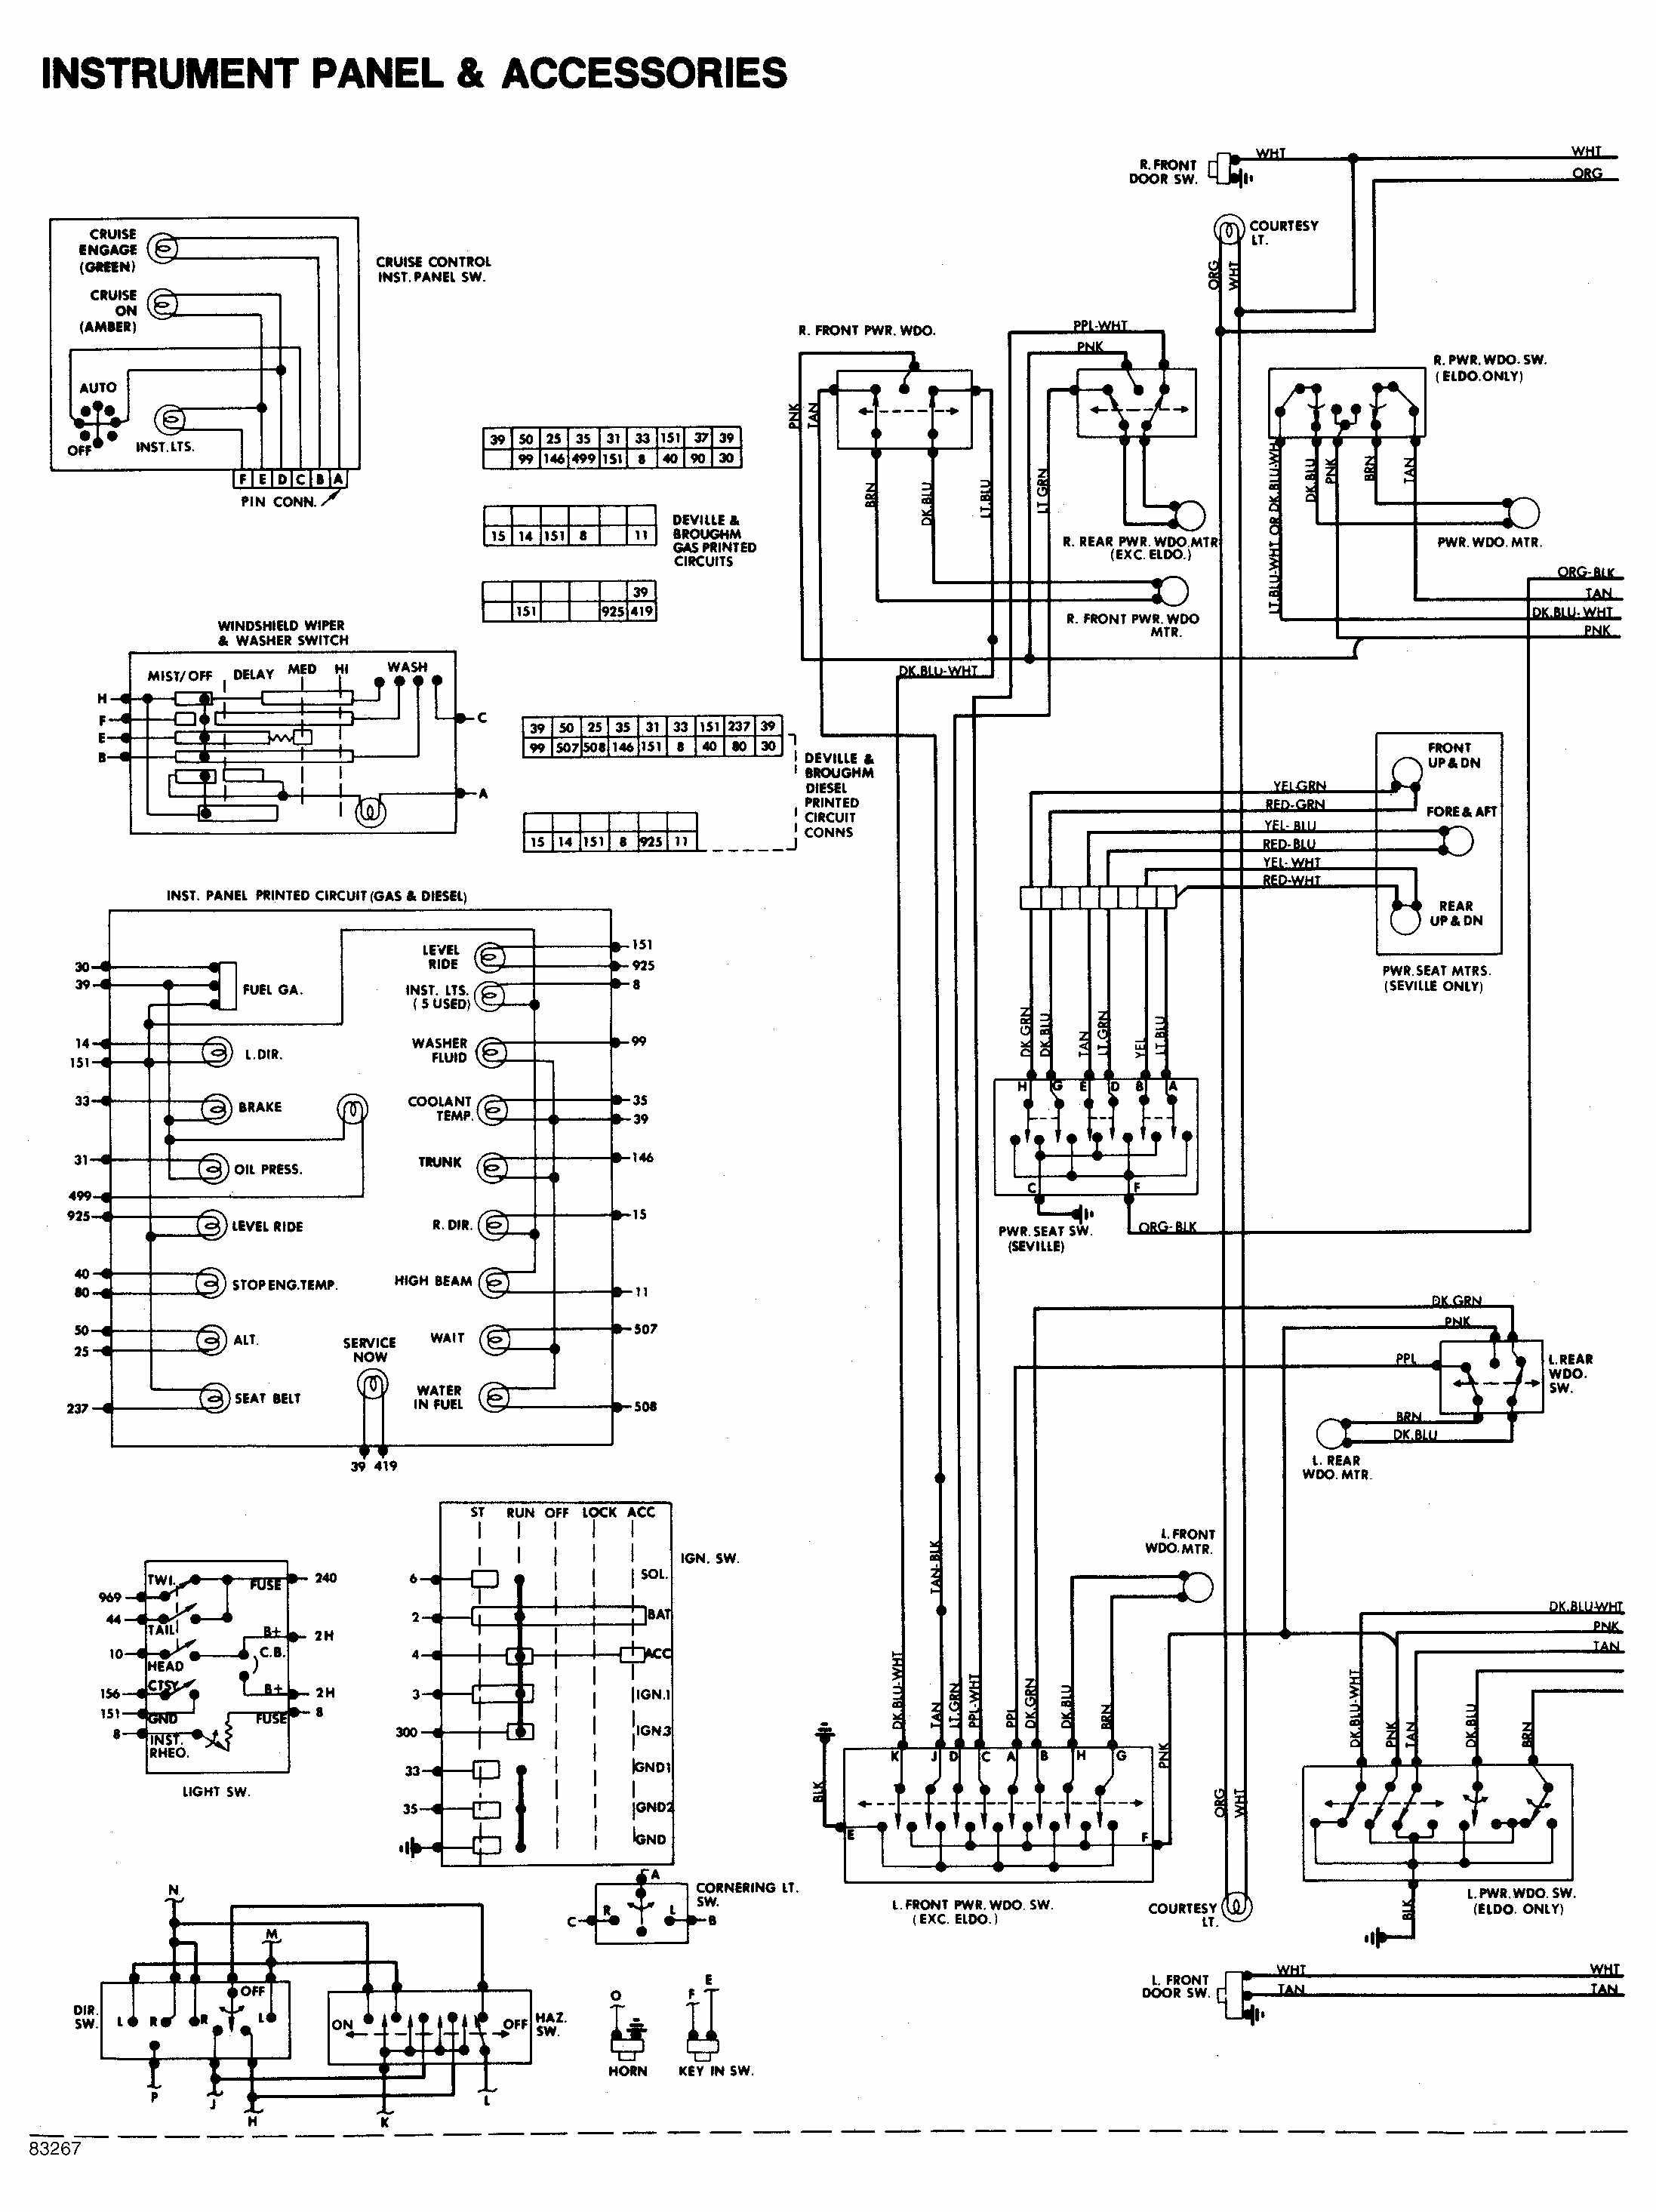 expedition a c wire diagram wiring diagram pontiac grand prix wiring diagrams cadillac ac diagram ulkqjjzs urbanecologist info \\u2022wrg 5568 1974 cadillac ac wiring diagram rh 65